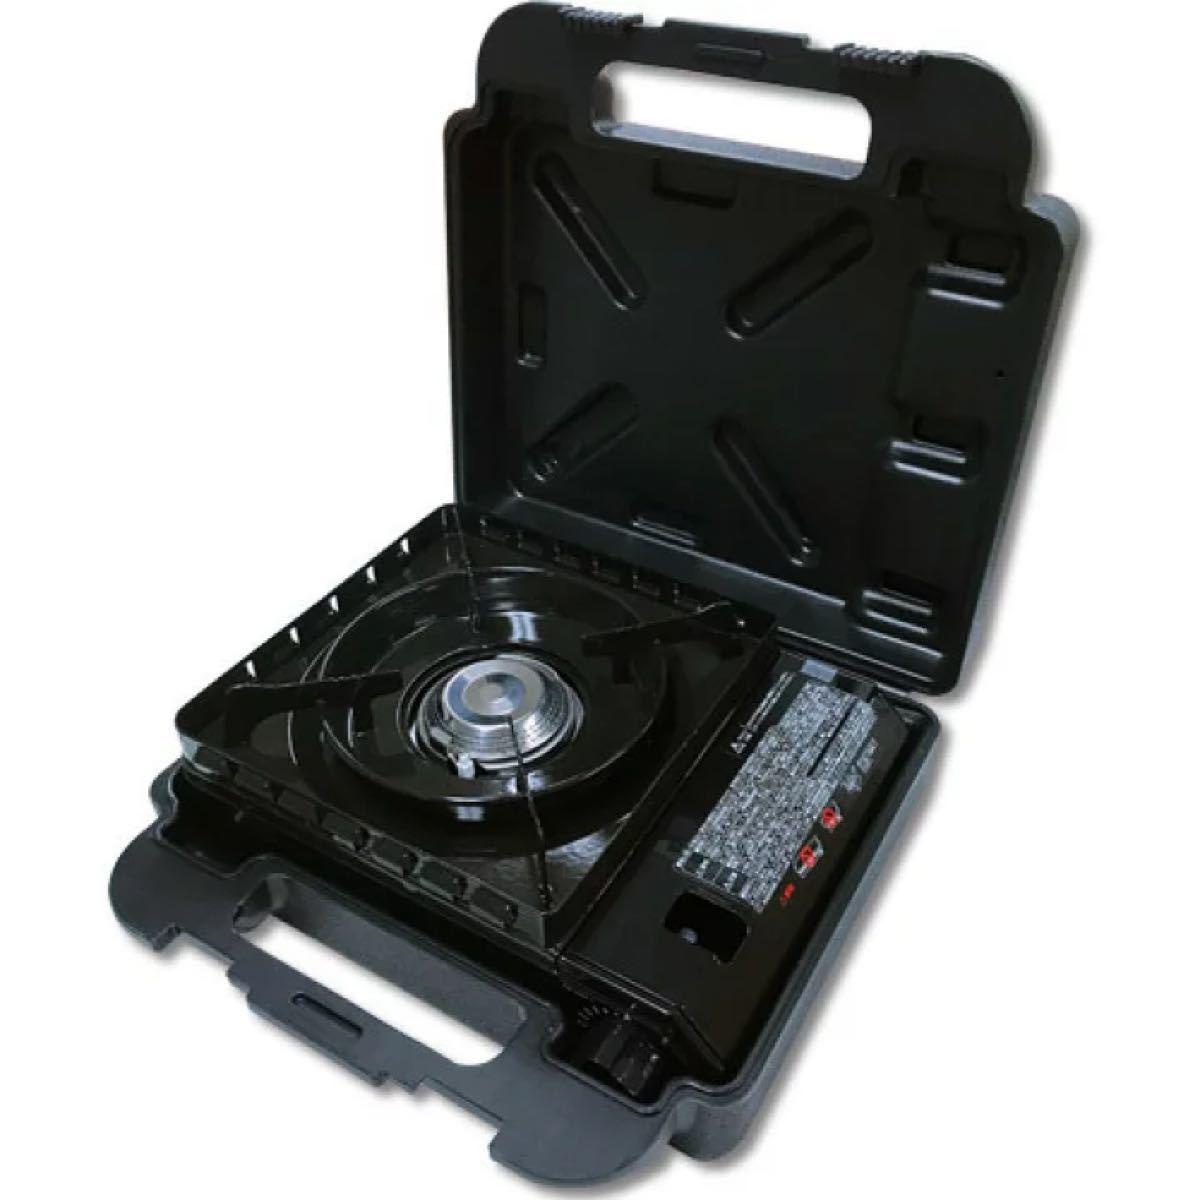 イワタニ カセットフー タフまるCB-ODX-1 アウトドアコンロ カセットガスコンロ